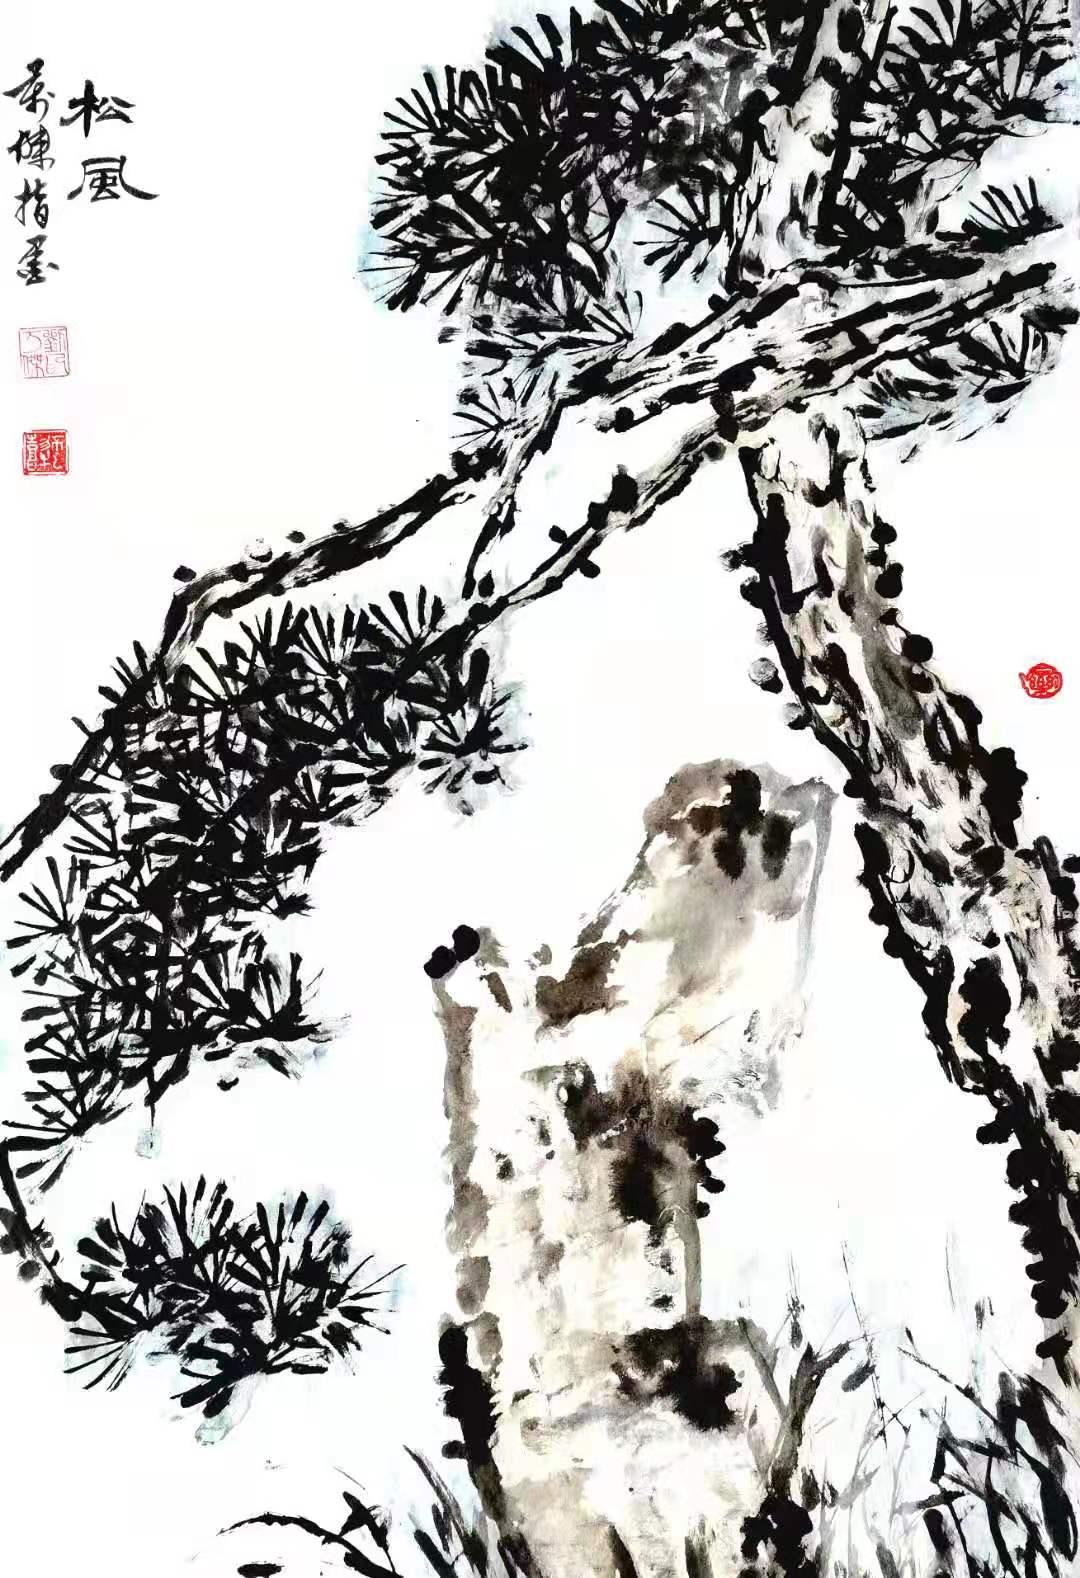 展艺术名人风采,弘万家文化精髓——刘万杰